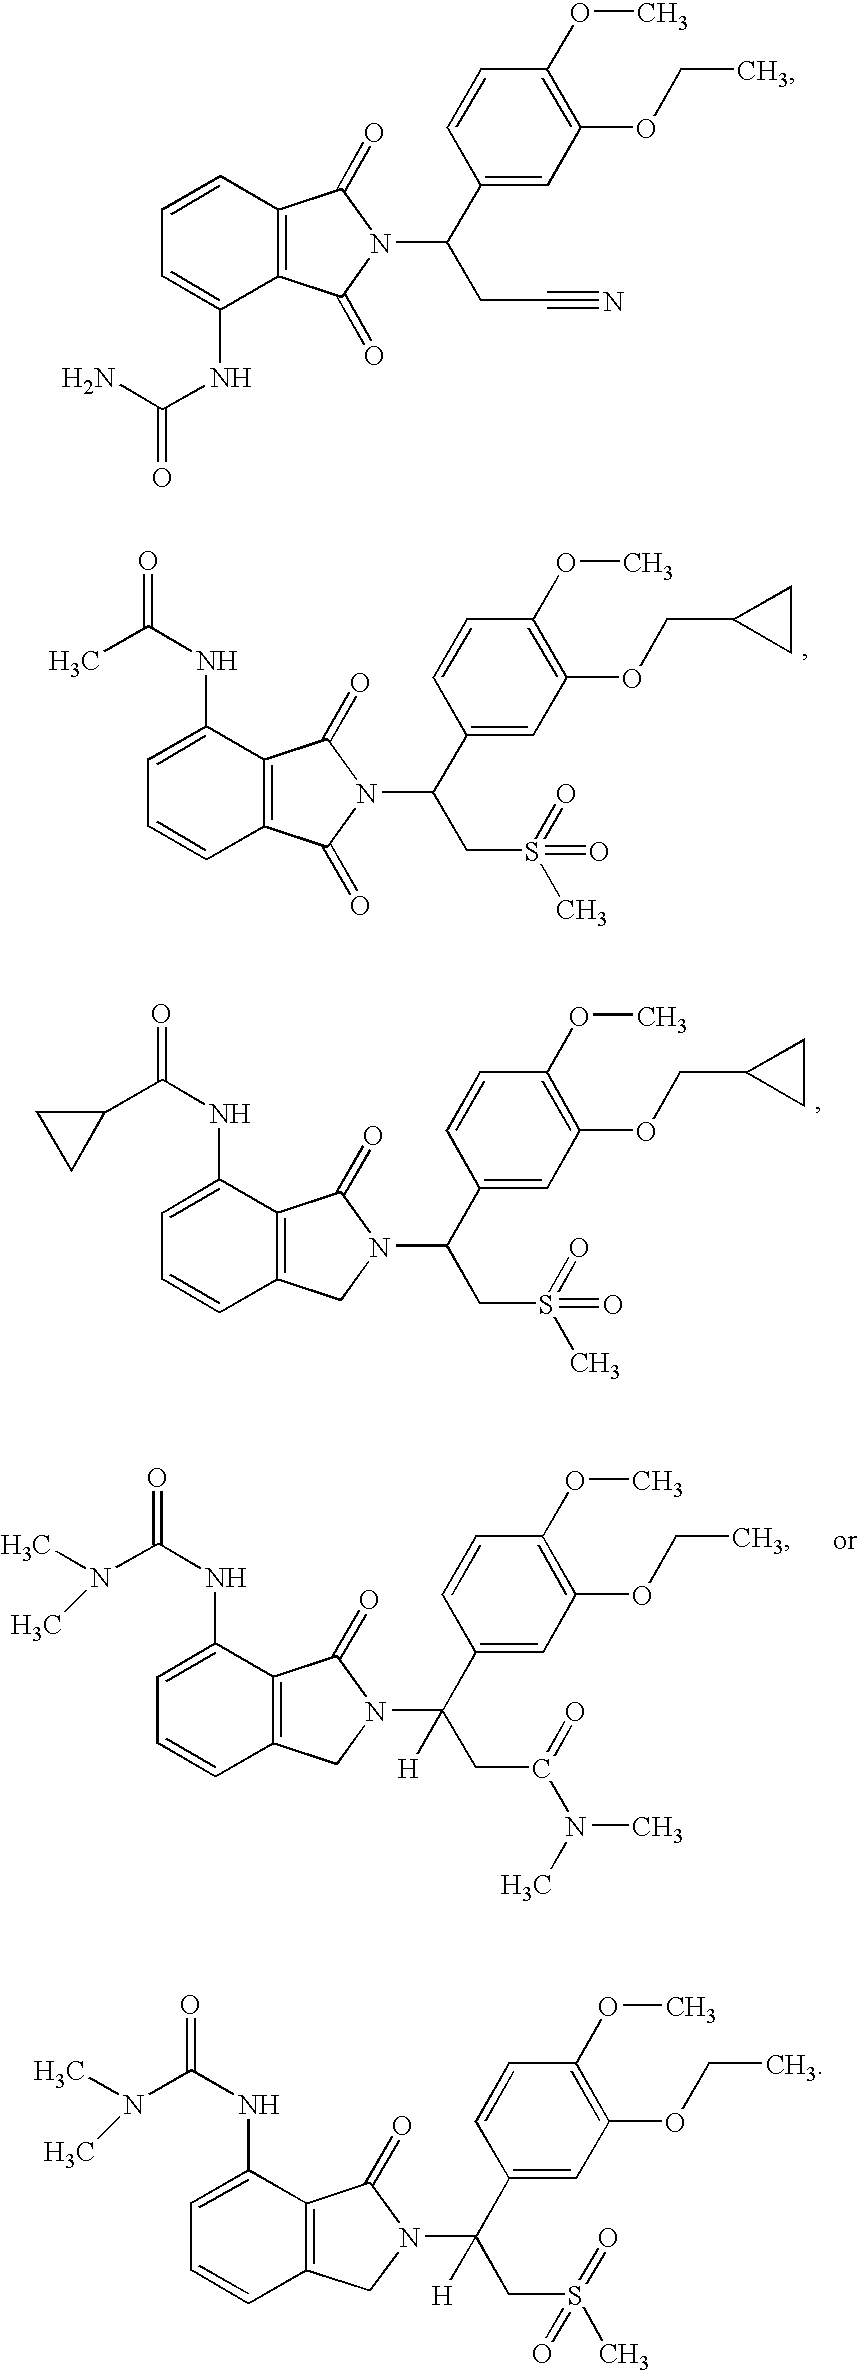 Figure US20060084815A1-20060420-C00039